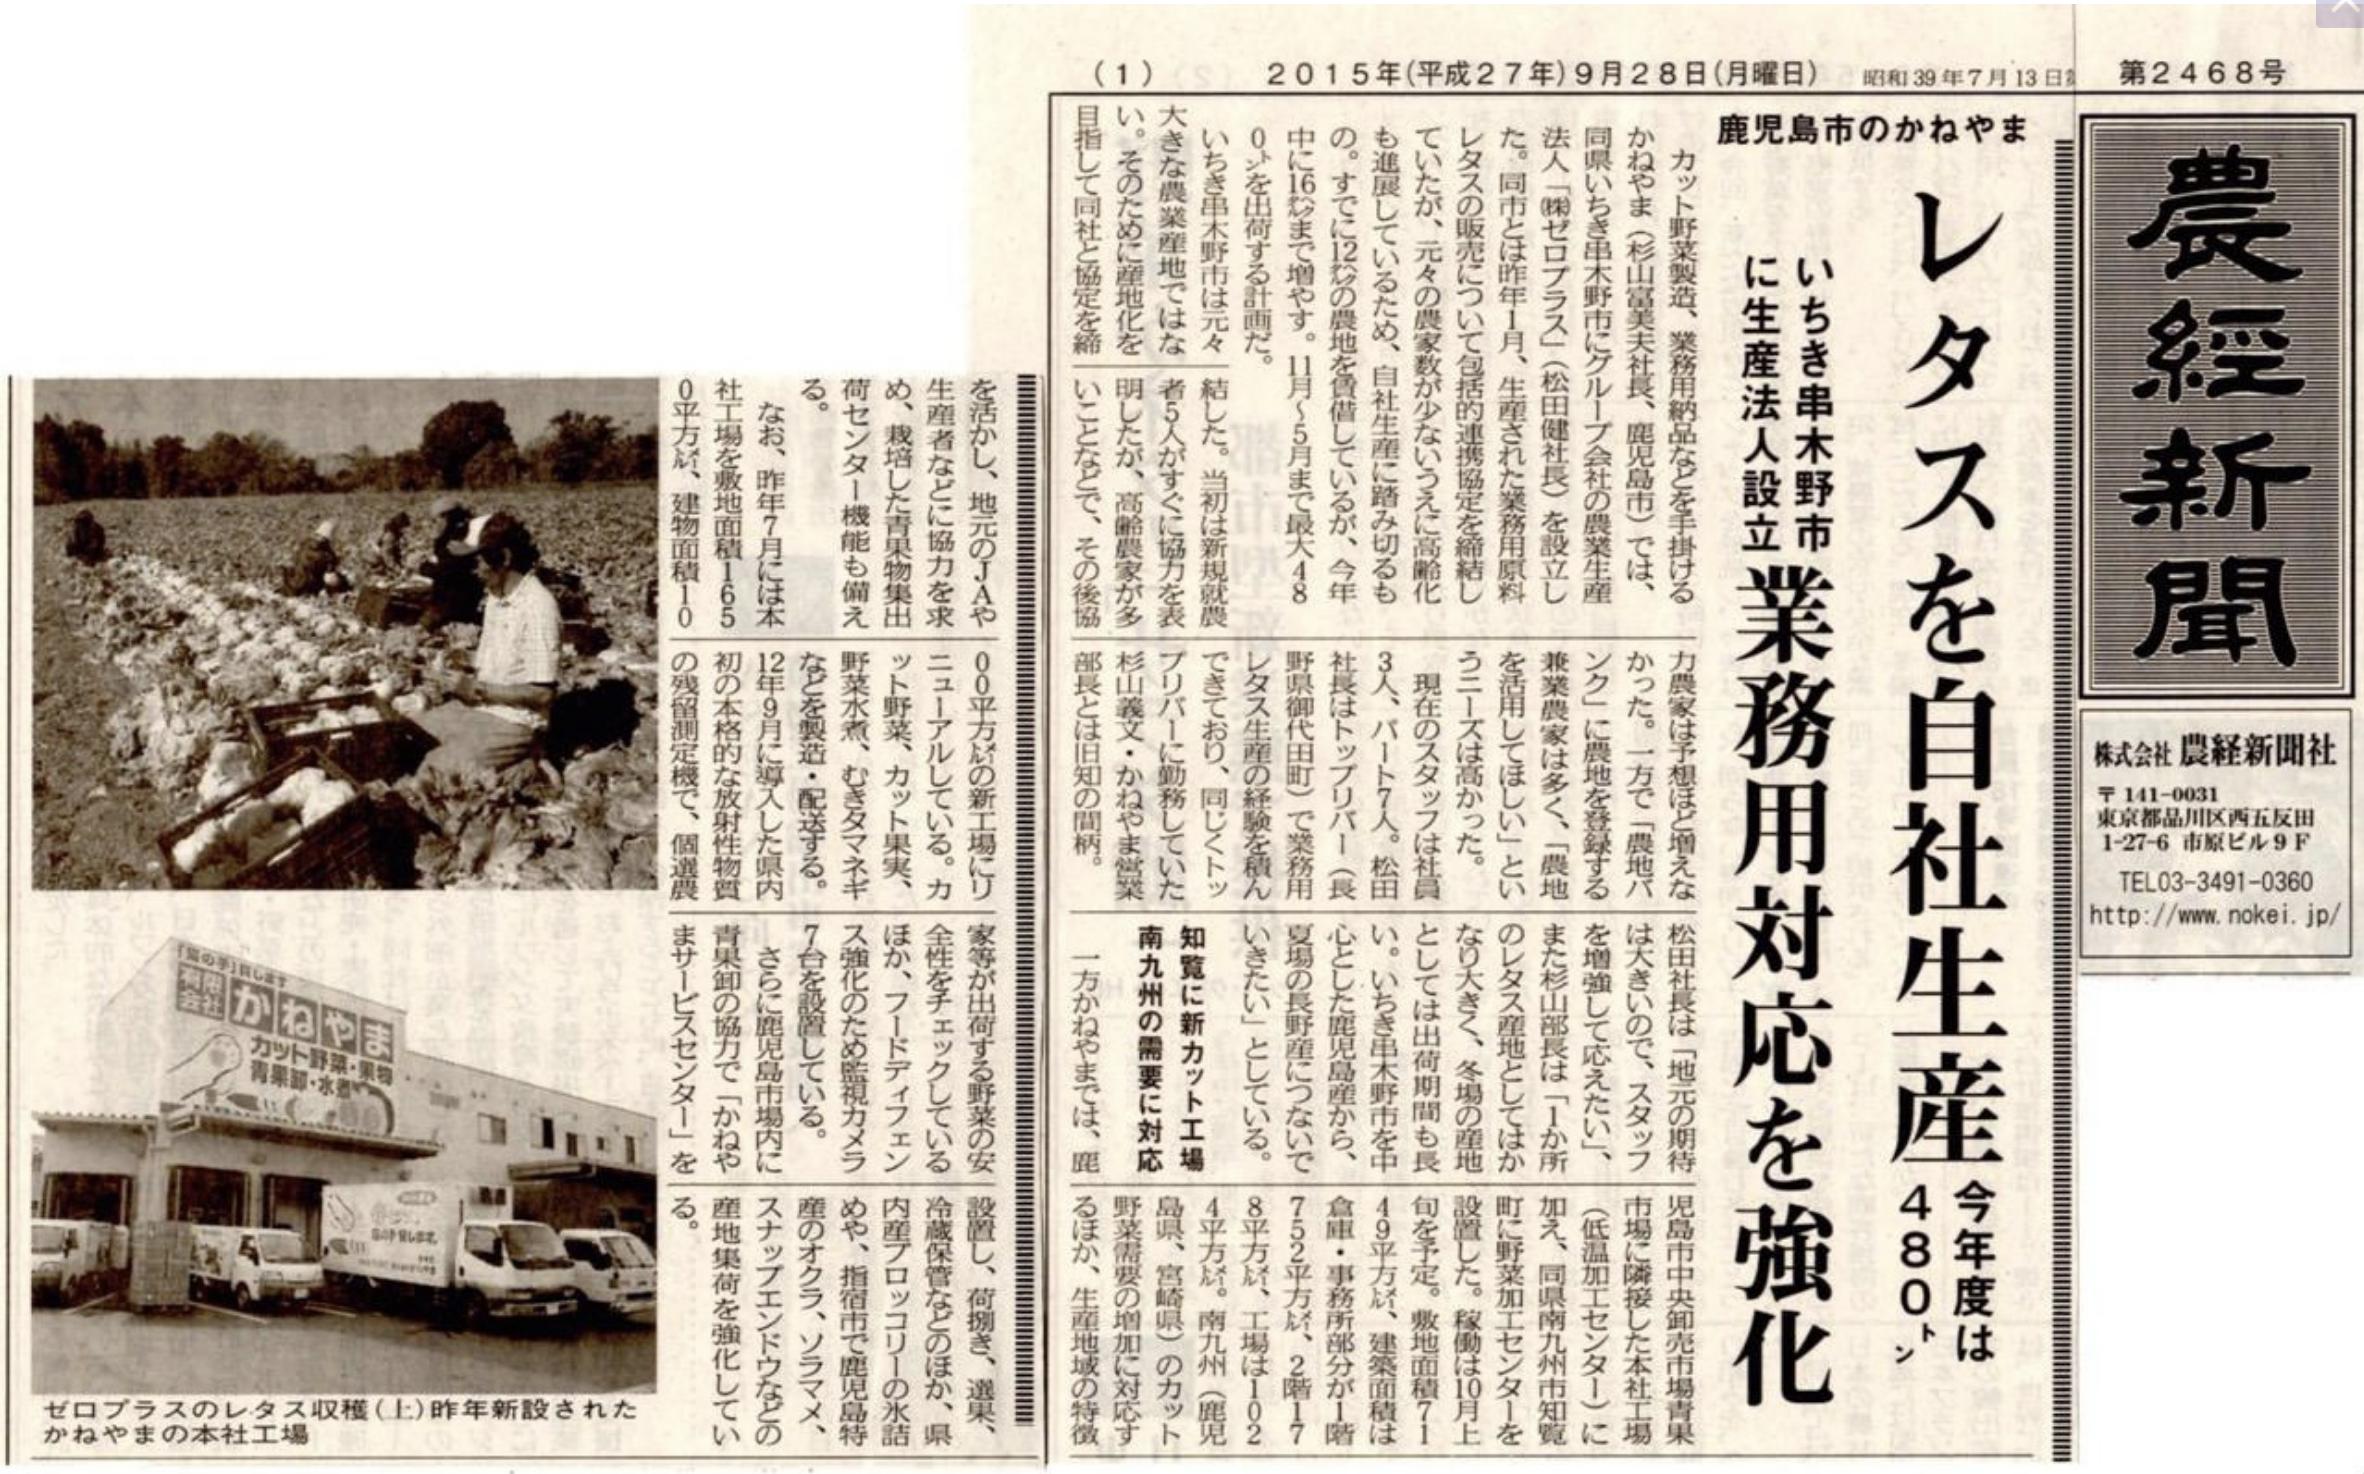 【メディア掲載】 農経新聞2015年9月28日